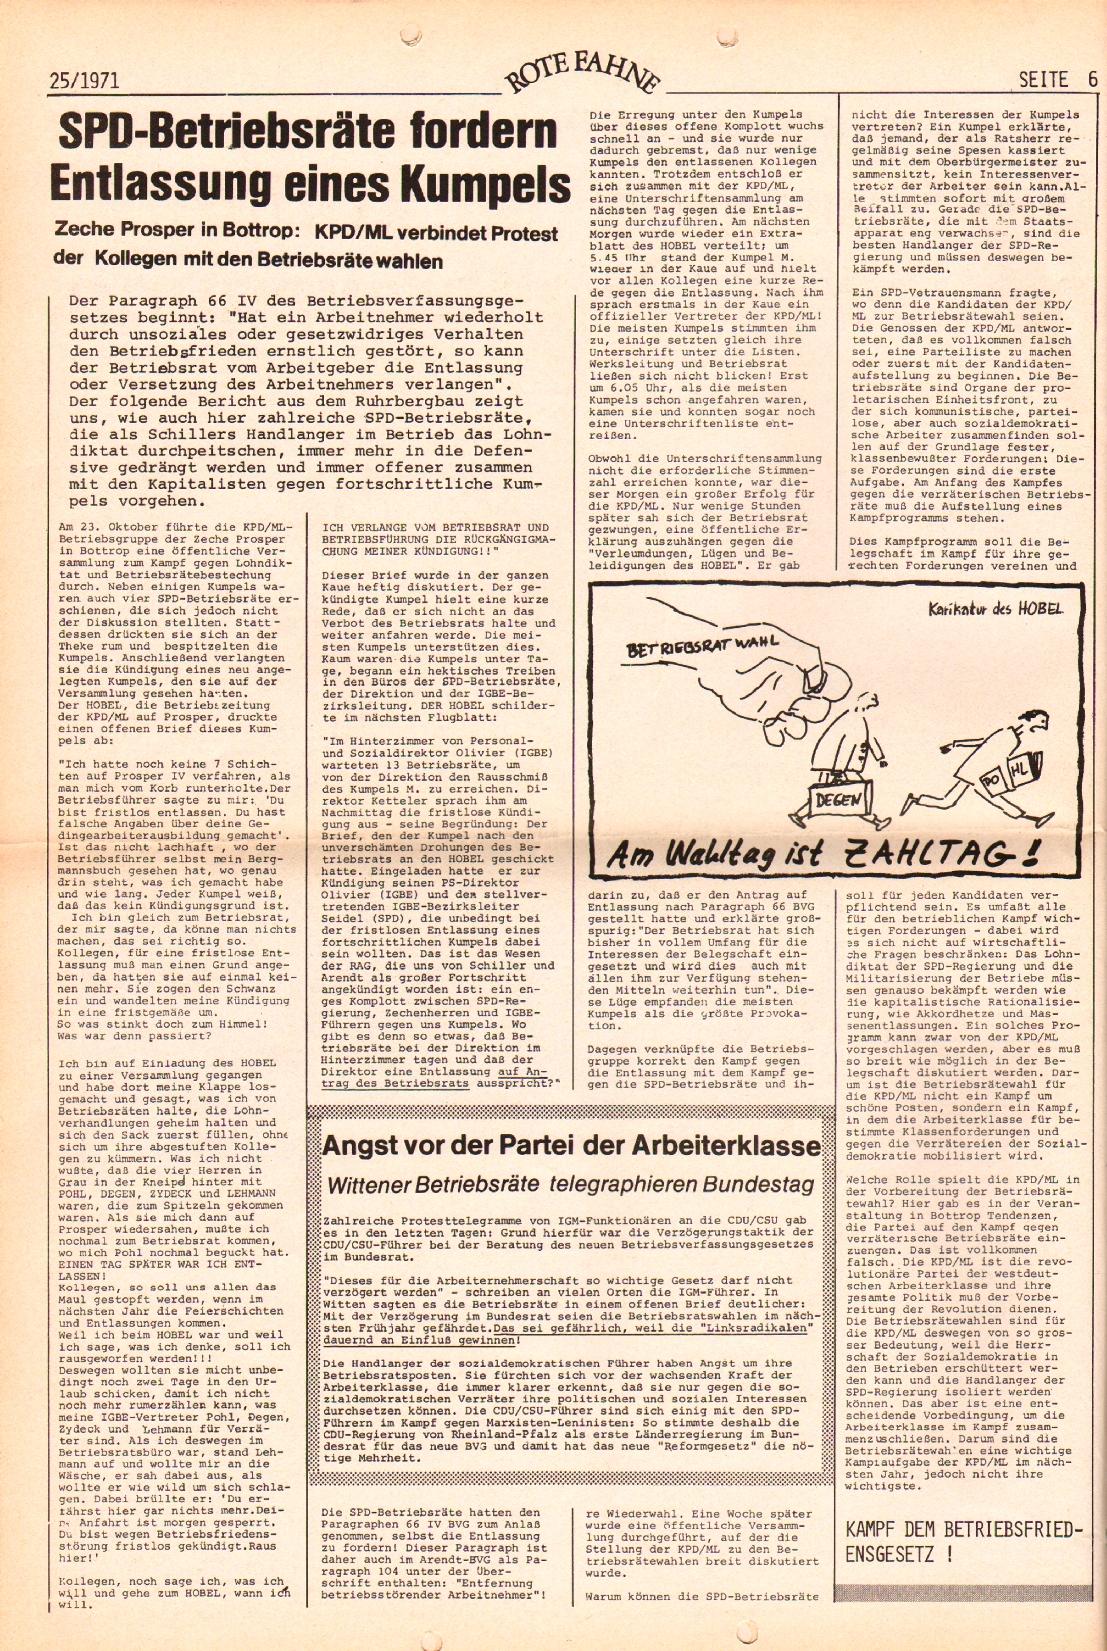 Rote Fahne, 2. Jg., 20.12.1971, Nr. 25, Seite 6